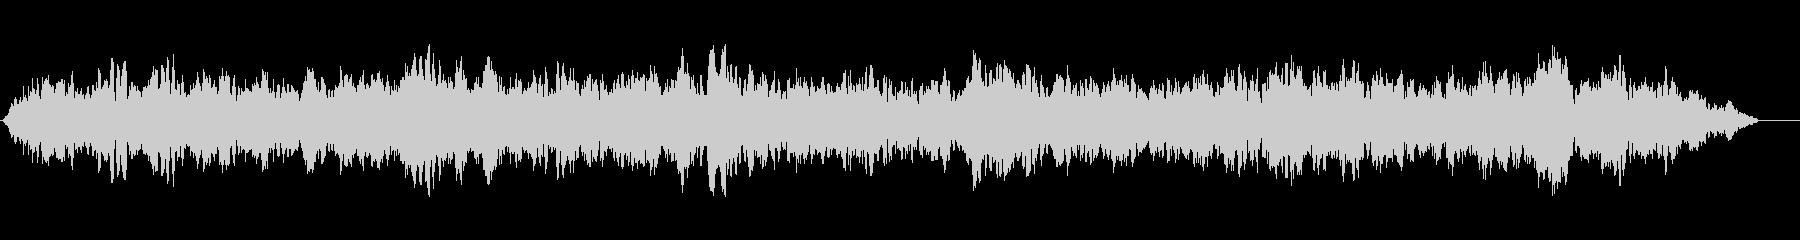 ハム付きベッド合唱団の未再生の波形